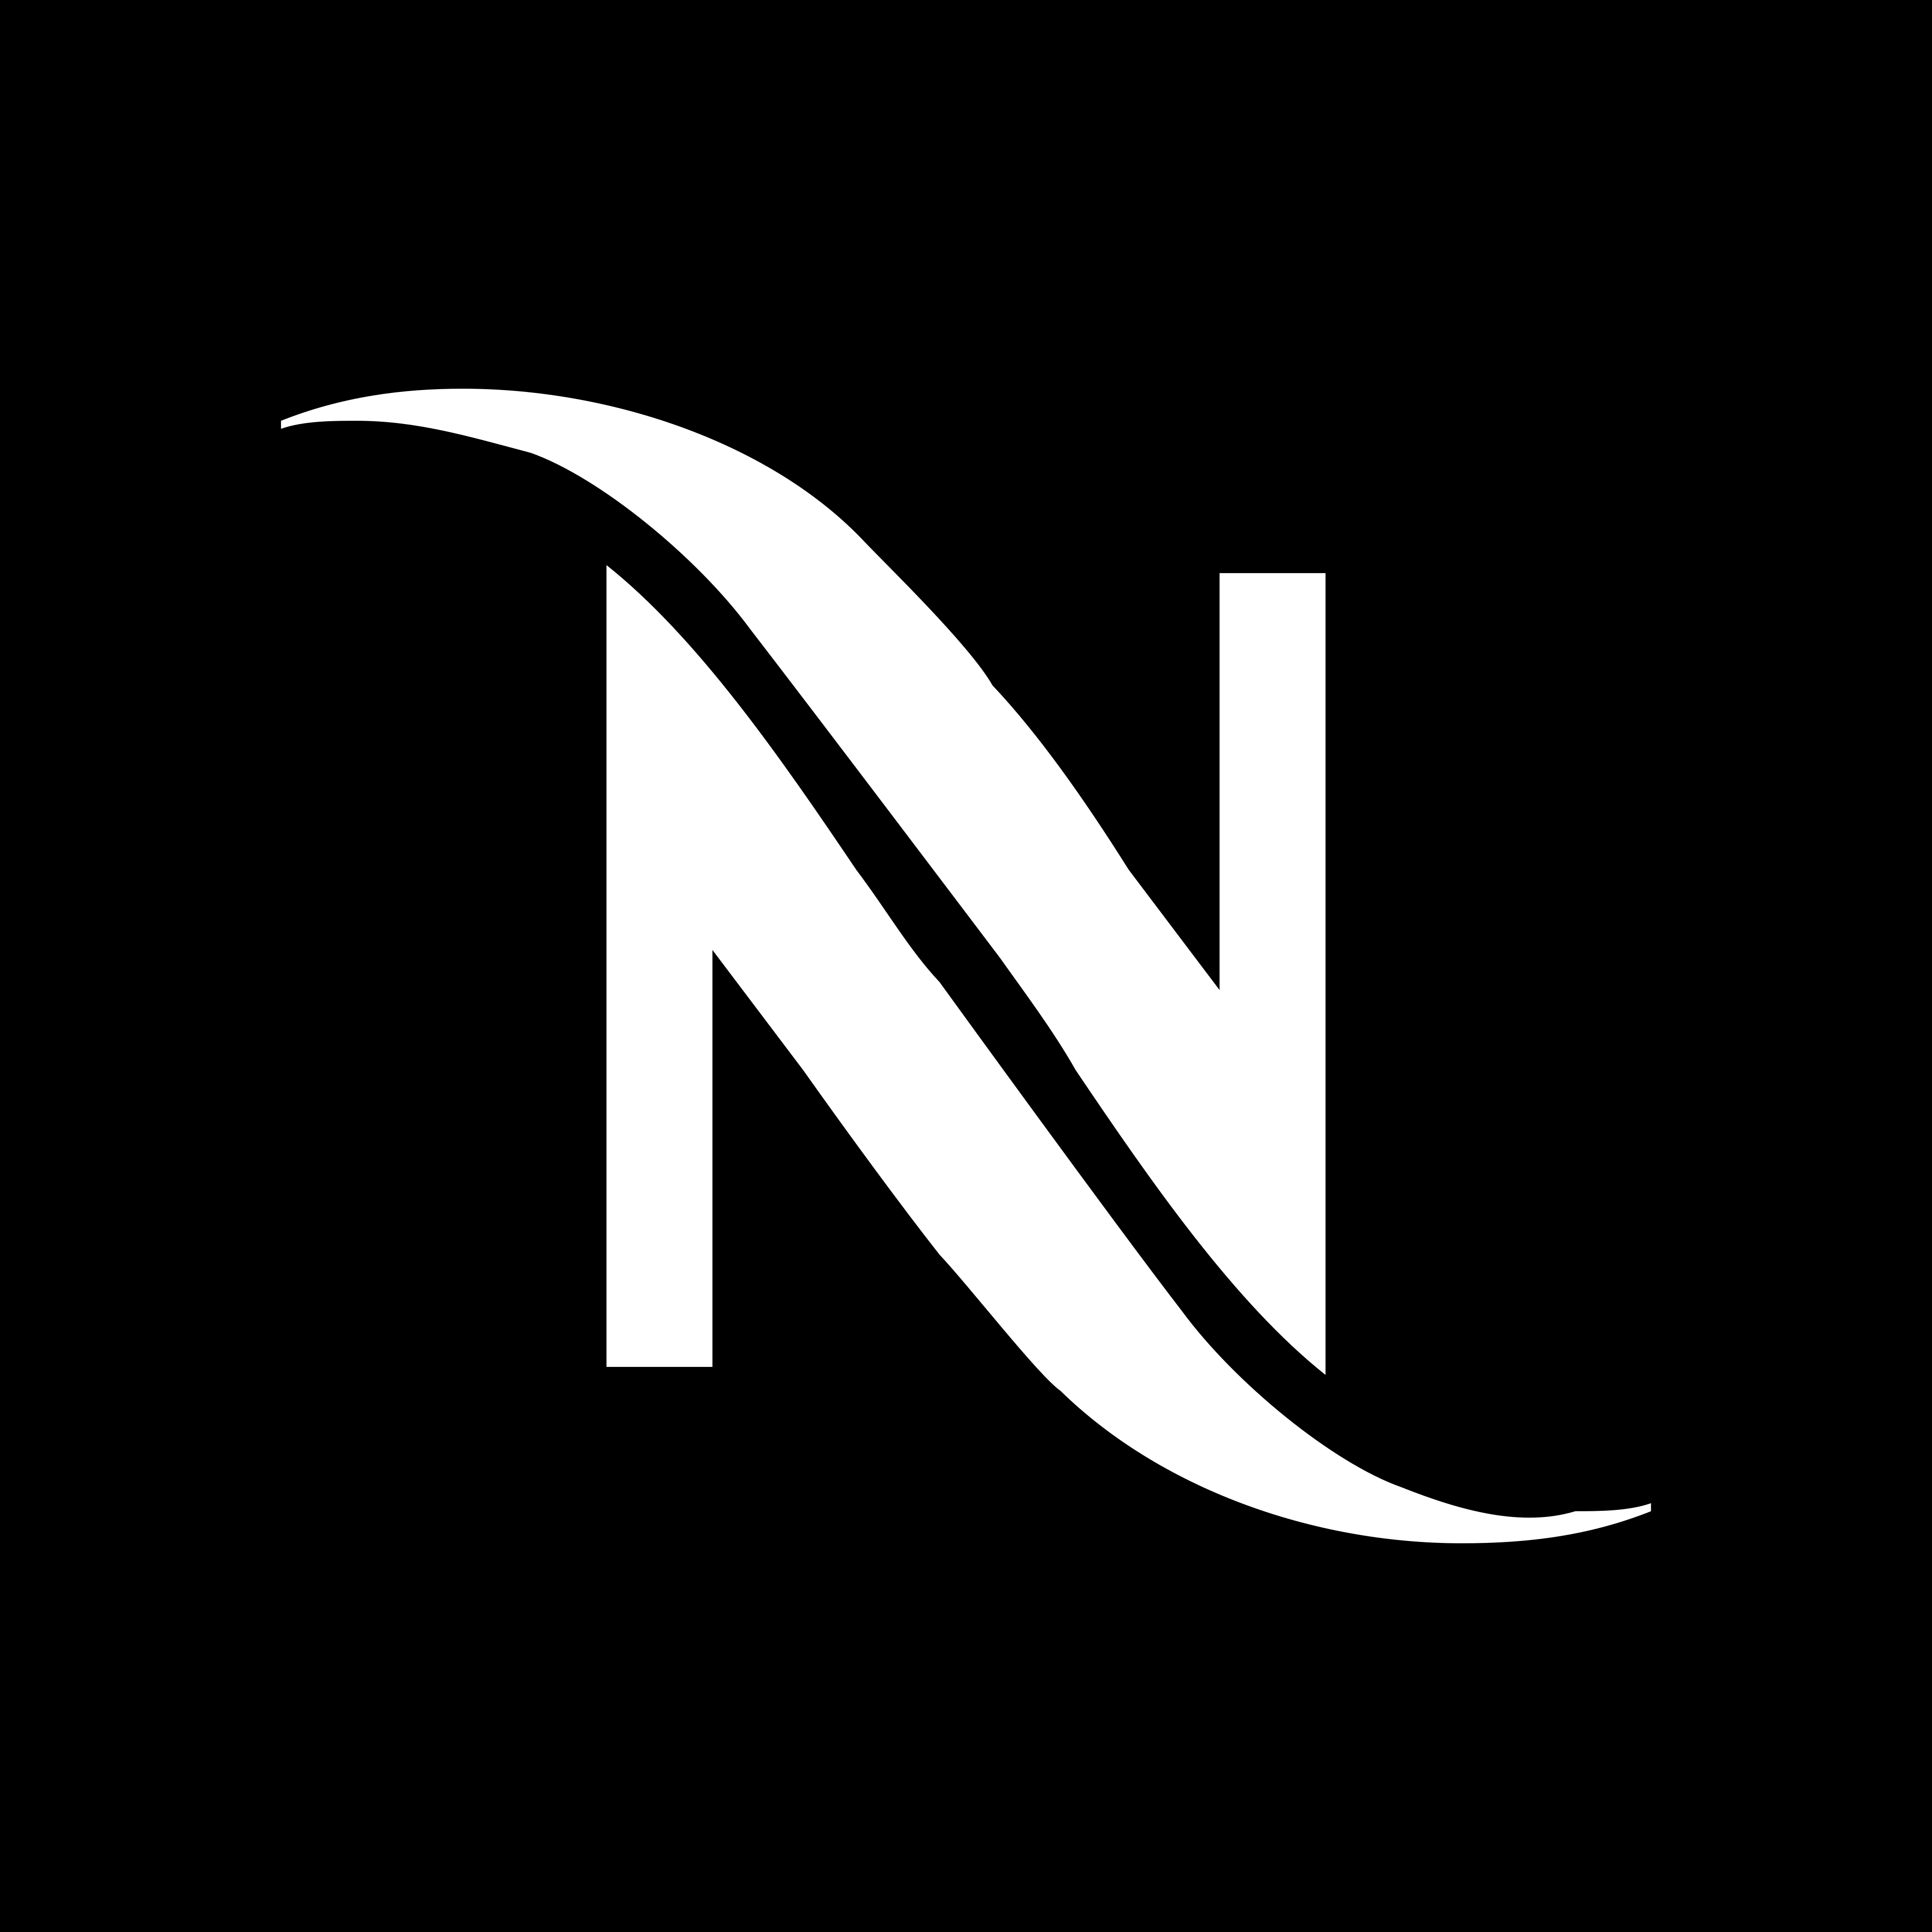 nespresso logo 1 - Nespresso Logo